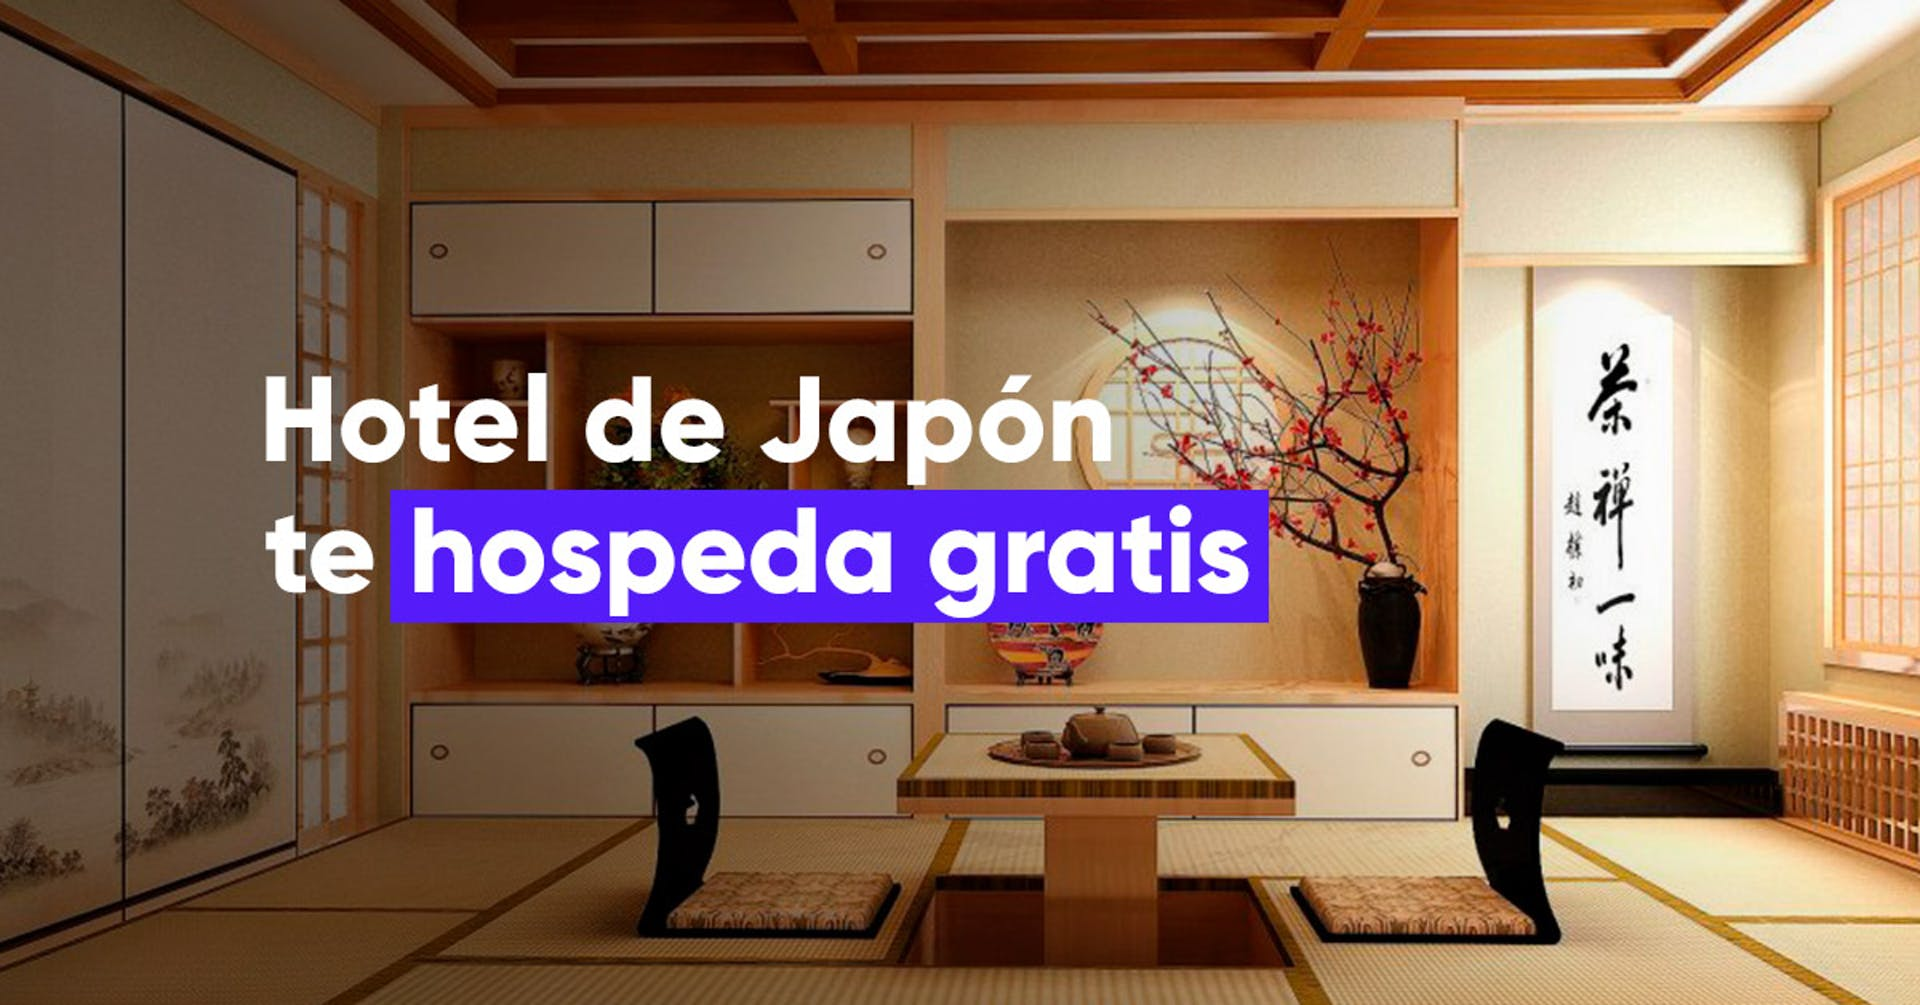 Hotel de Japón te hospeda gratis a cambio a de que realices un streaming